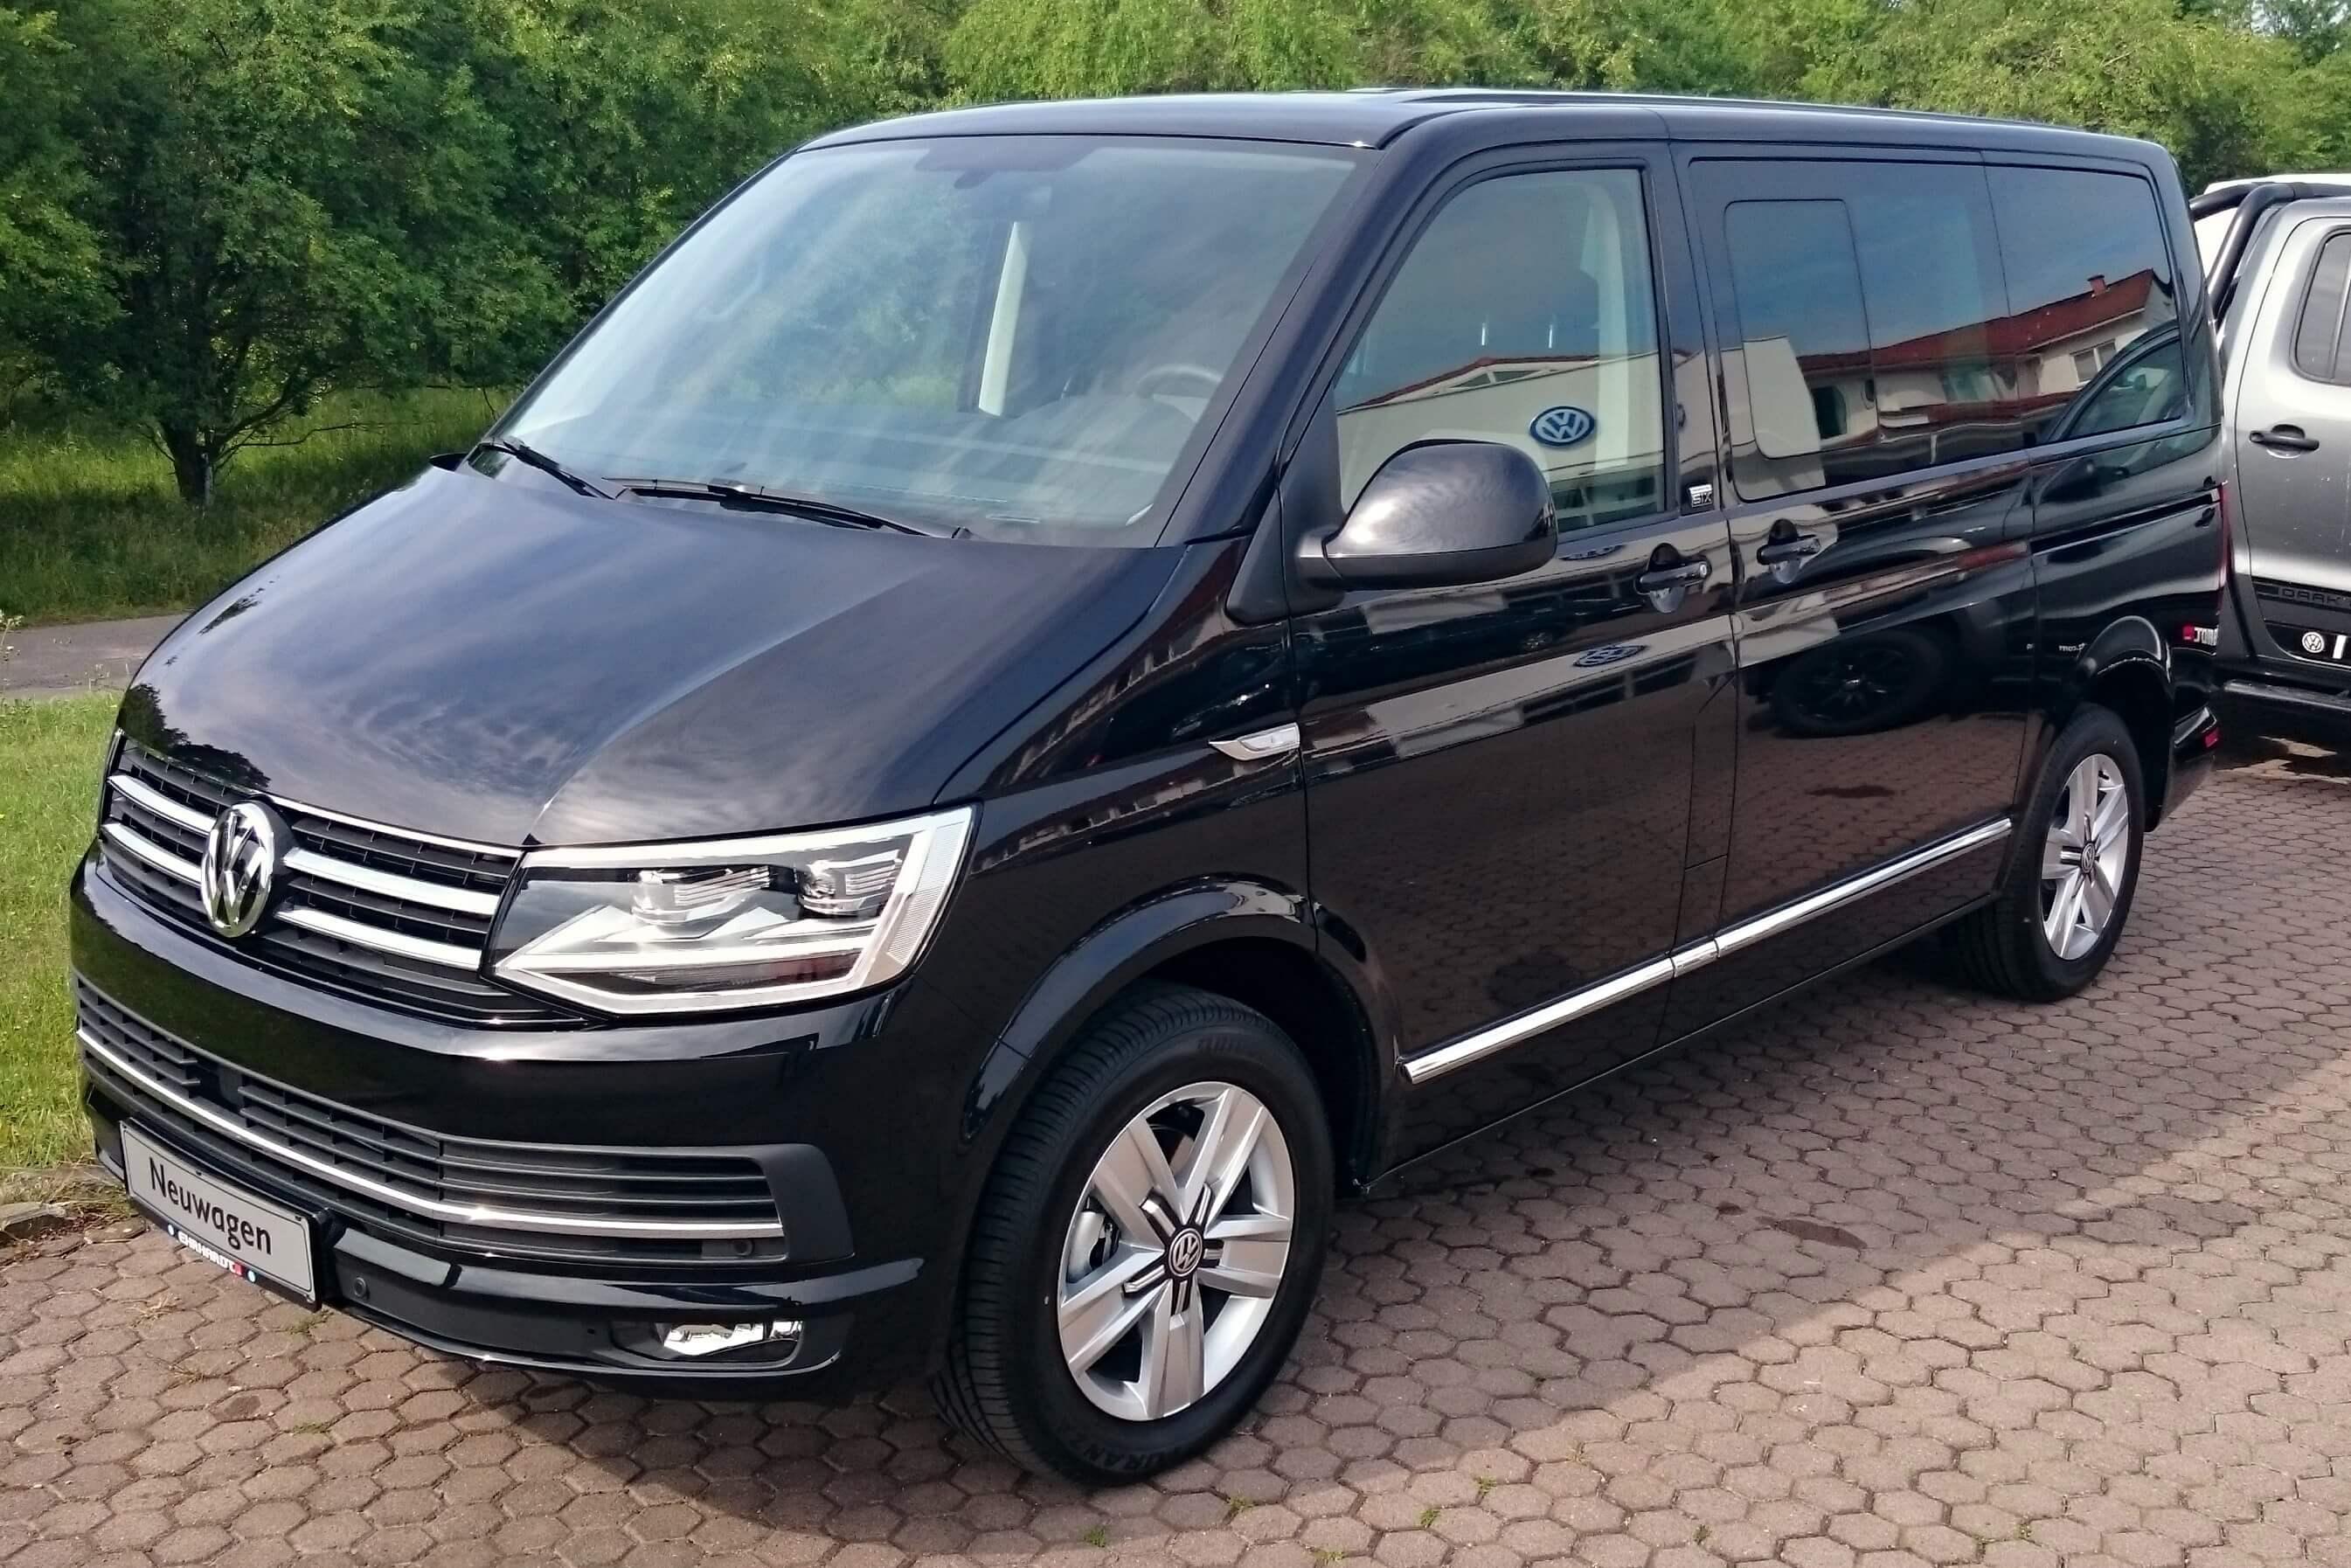 VW_T6_Multivan_Generation_Six_2.0_TDI (1)